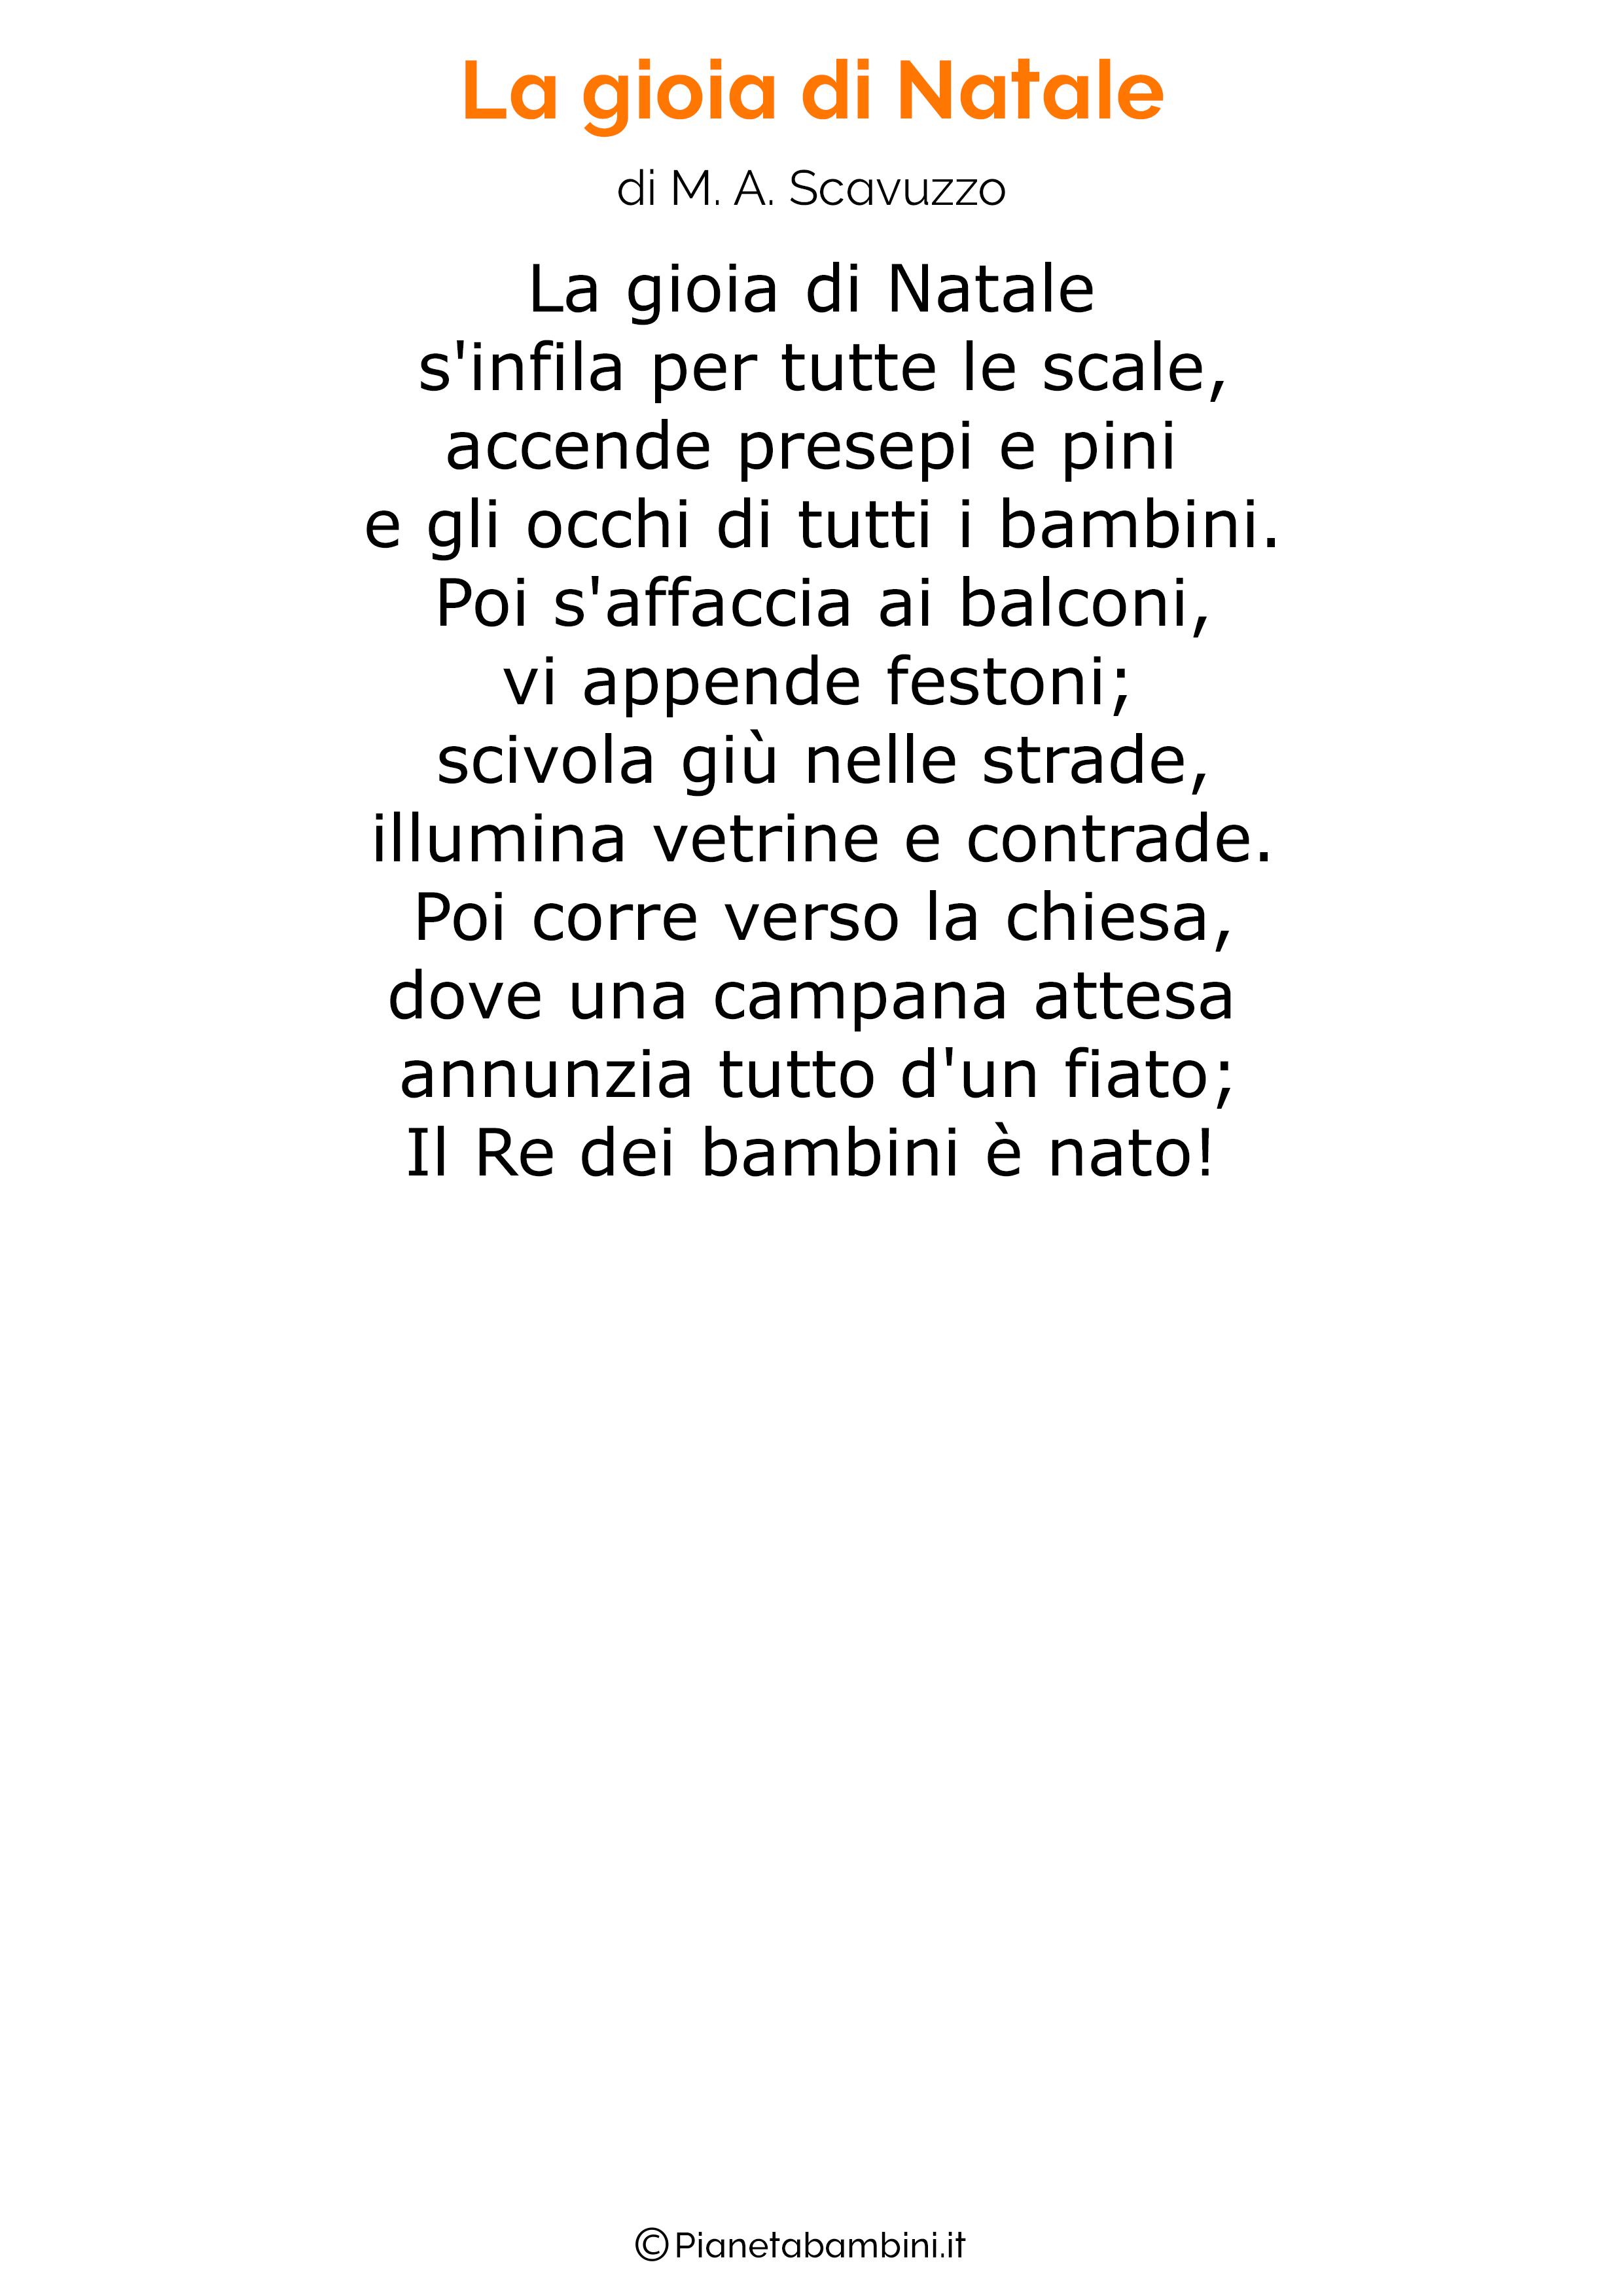 Poesia di Natale 14